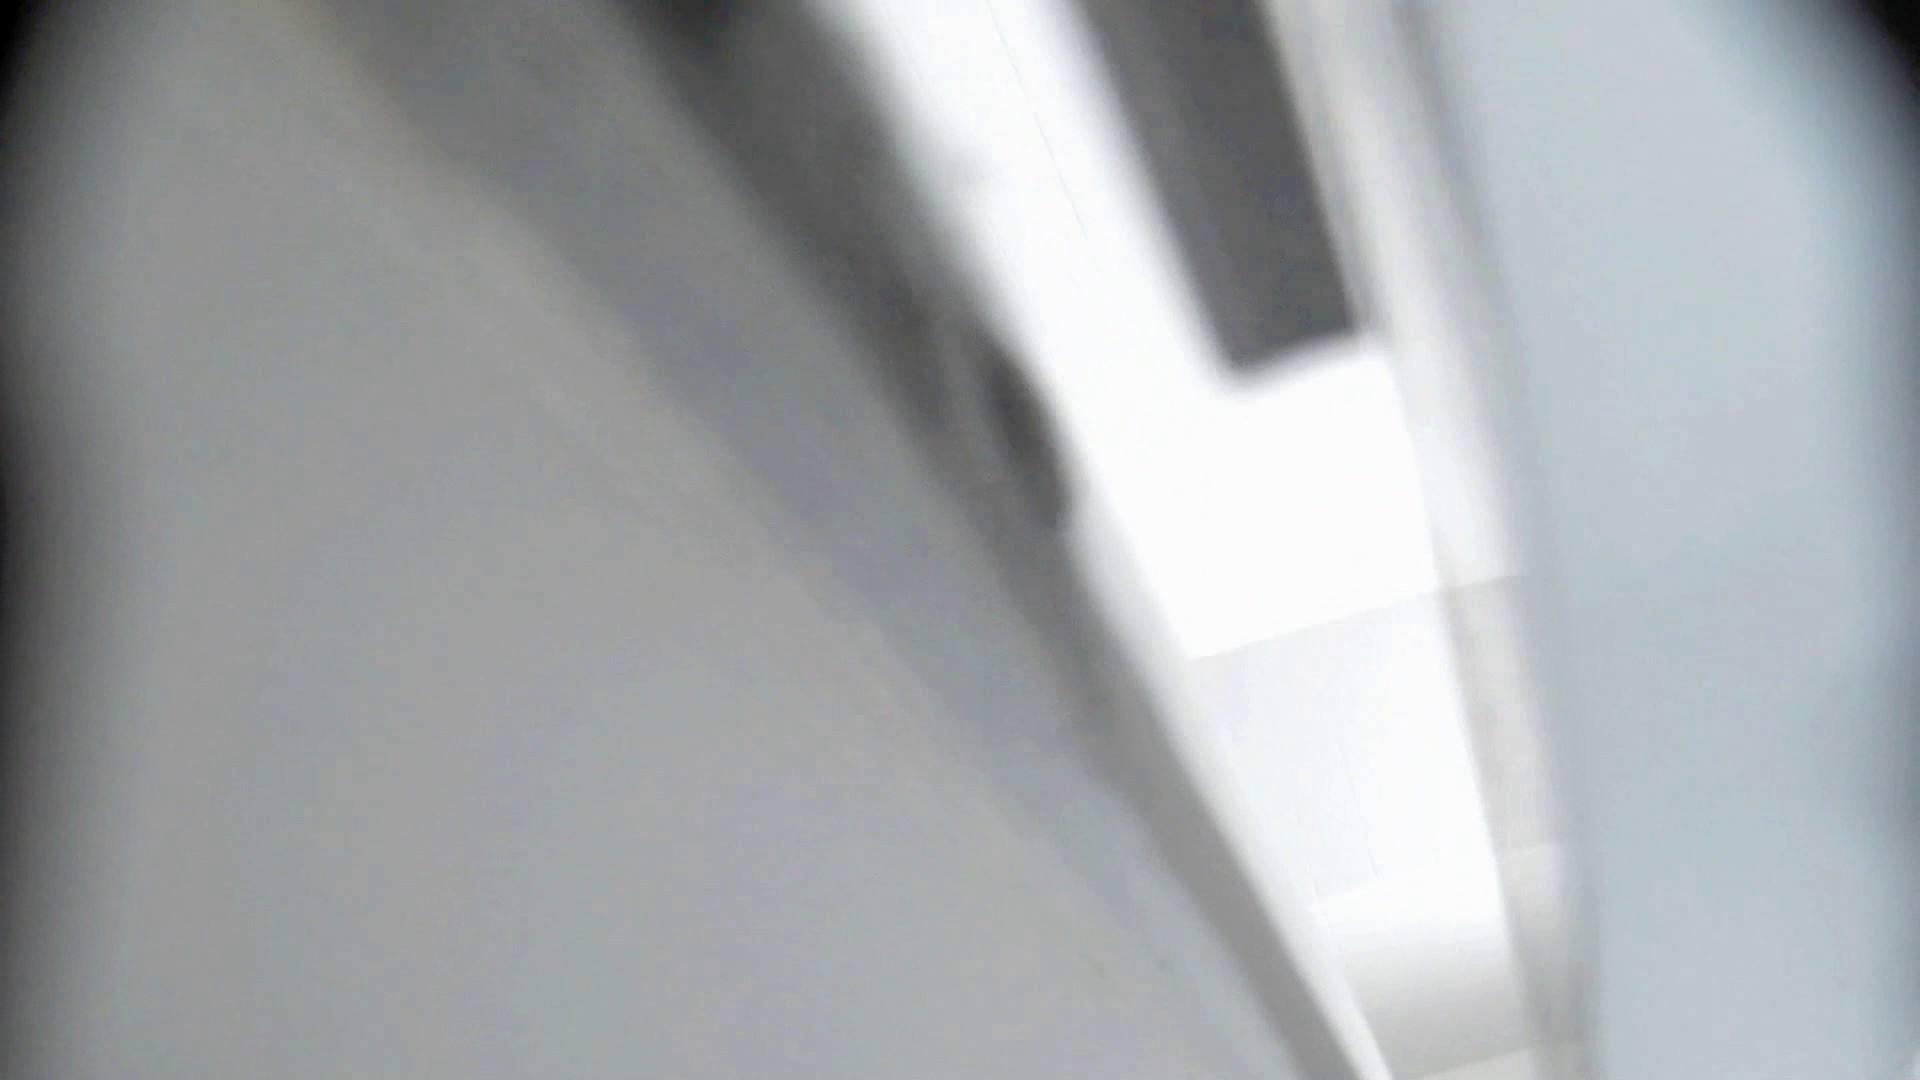 別冊「洗面所突入レポート!!」【閲覧注意!】シート的な物に興味のある方のみ! 洗面所  90PIX 52